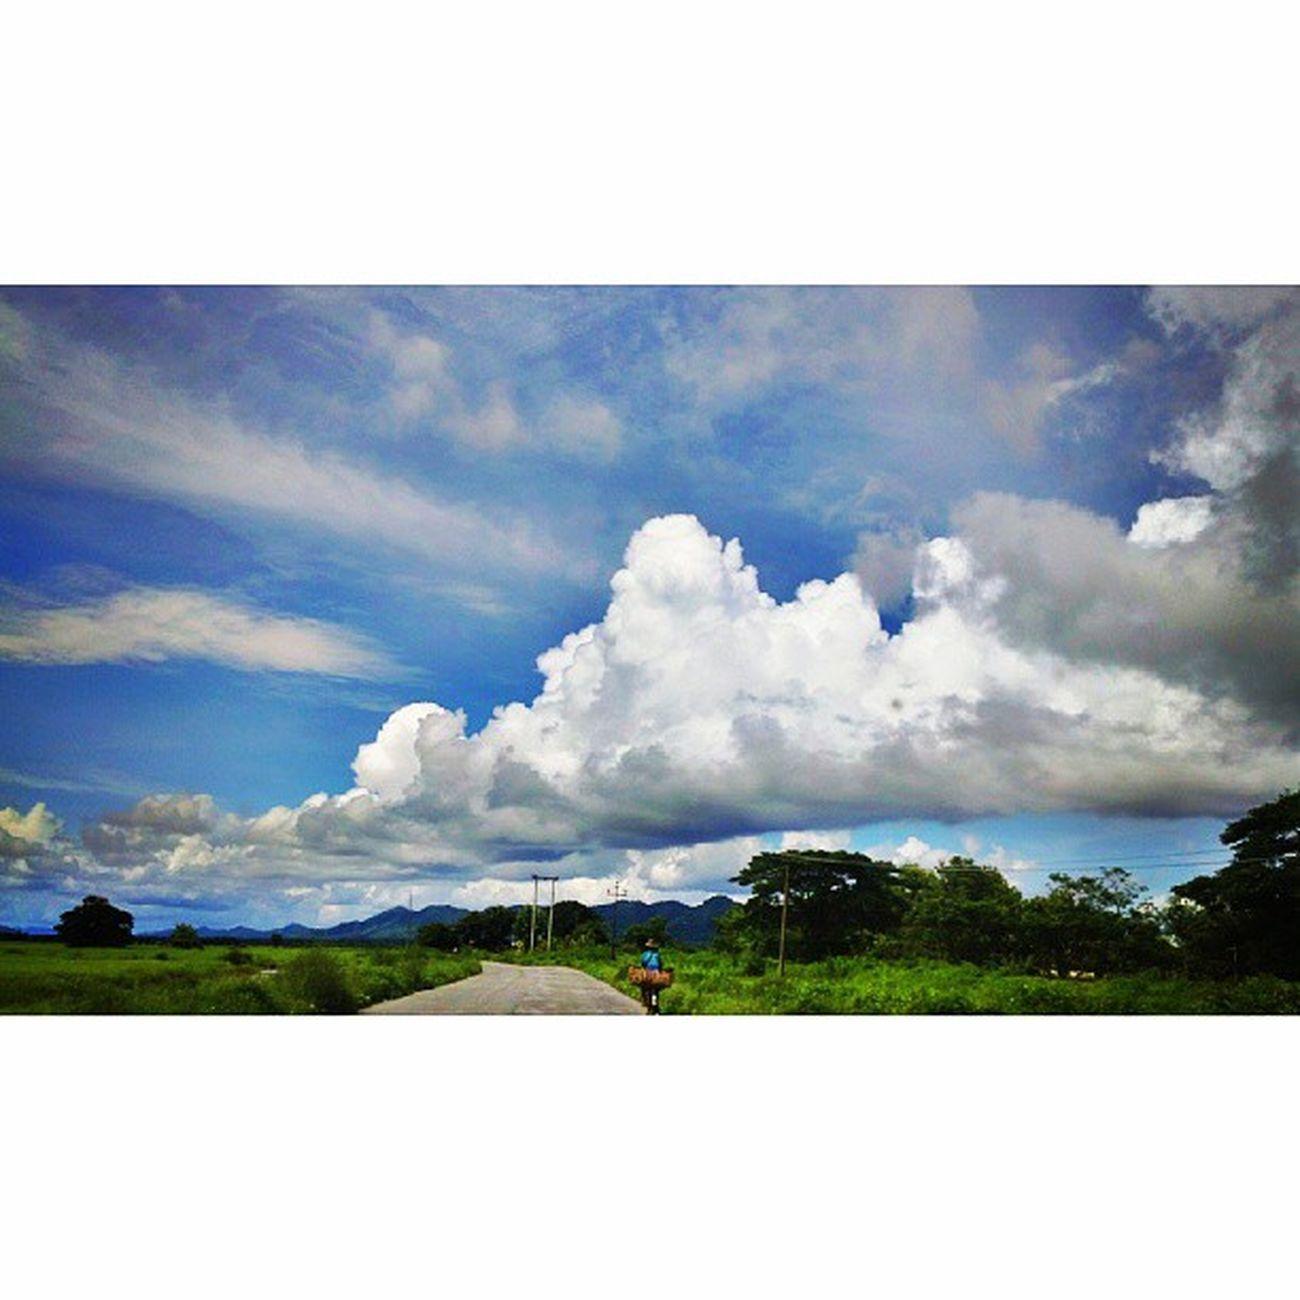 ခရီးသြားမိုးတိမ္ Jipsy Clouds Cloud Instatravel sky travelphotography travelgram myanmar igersmyanmar